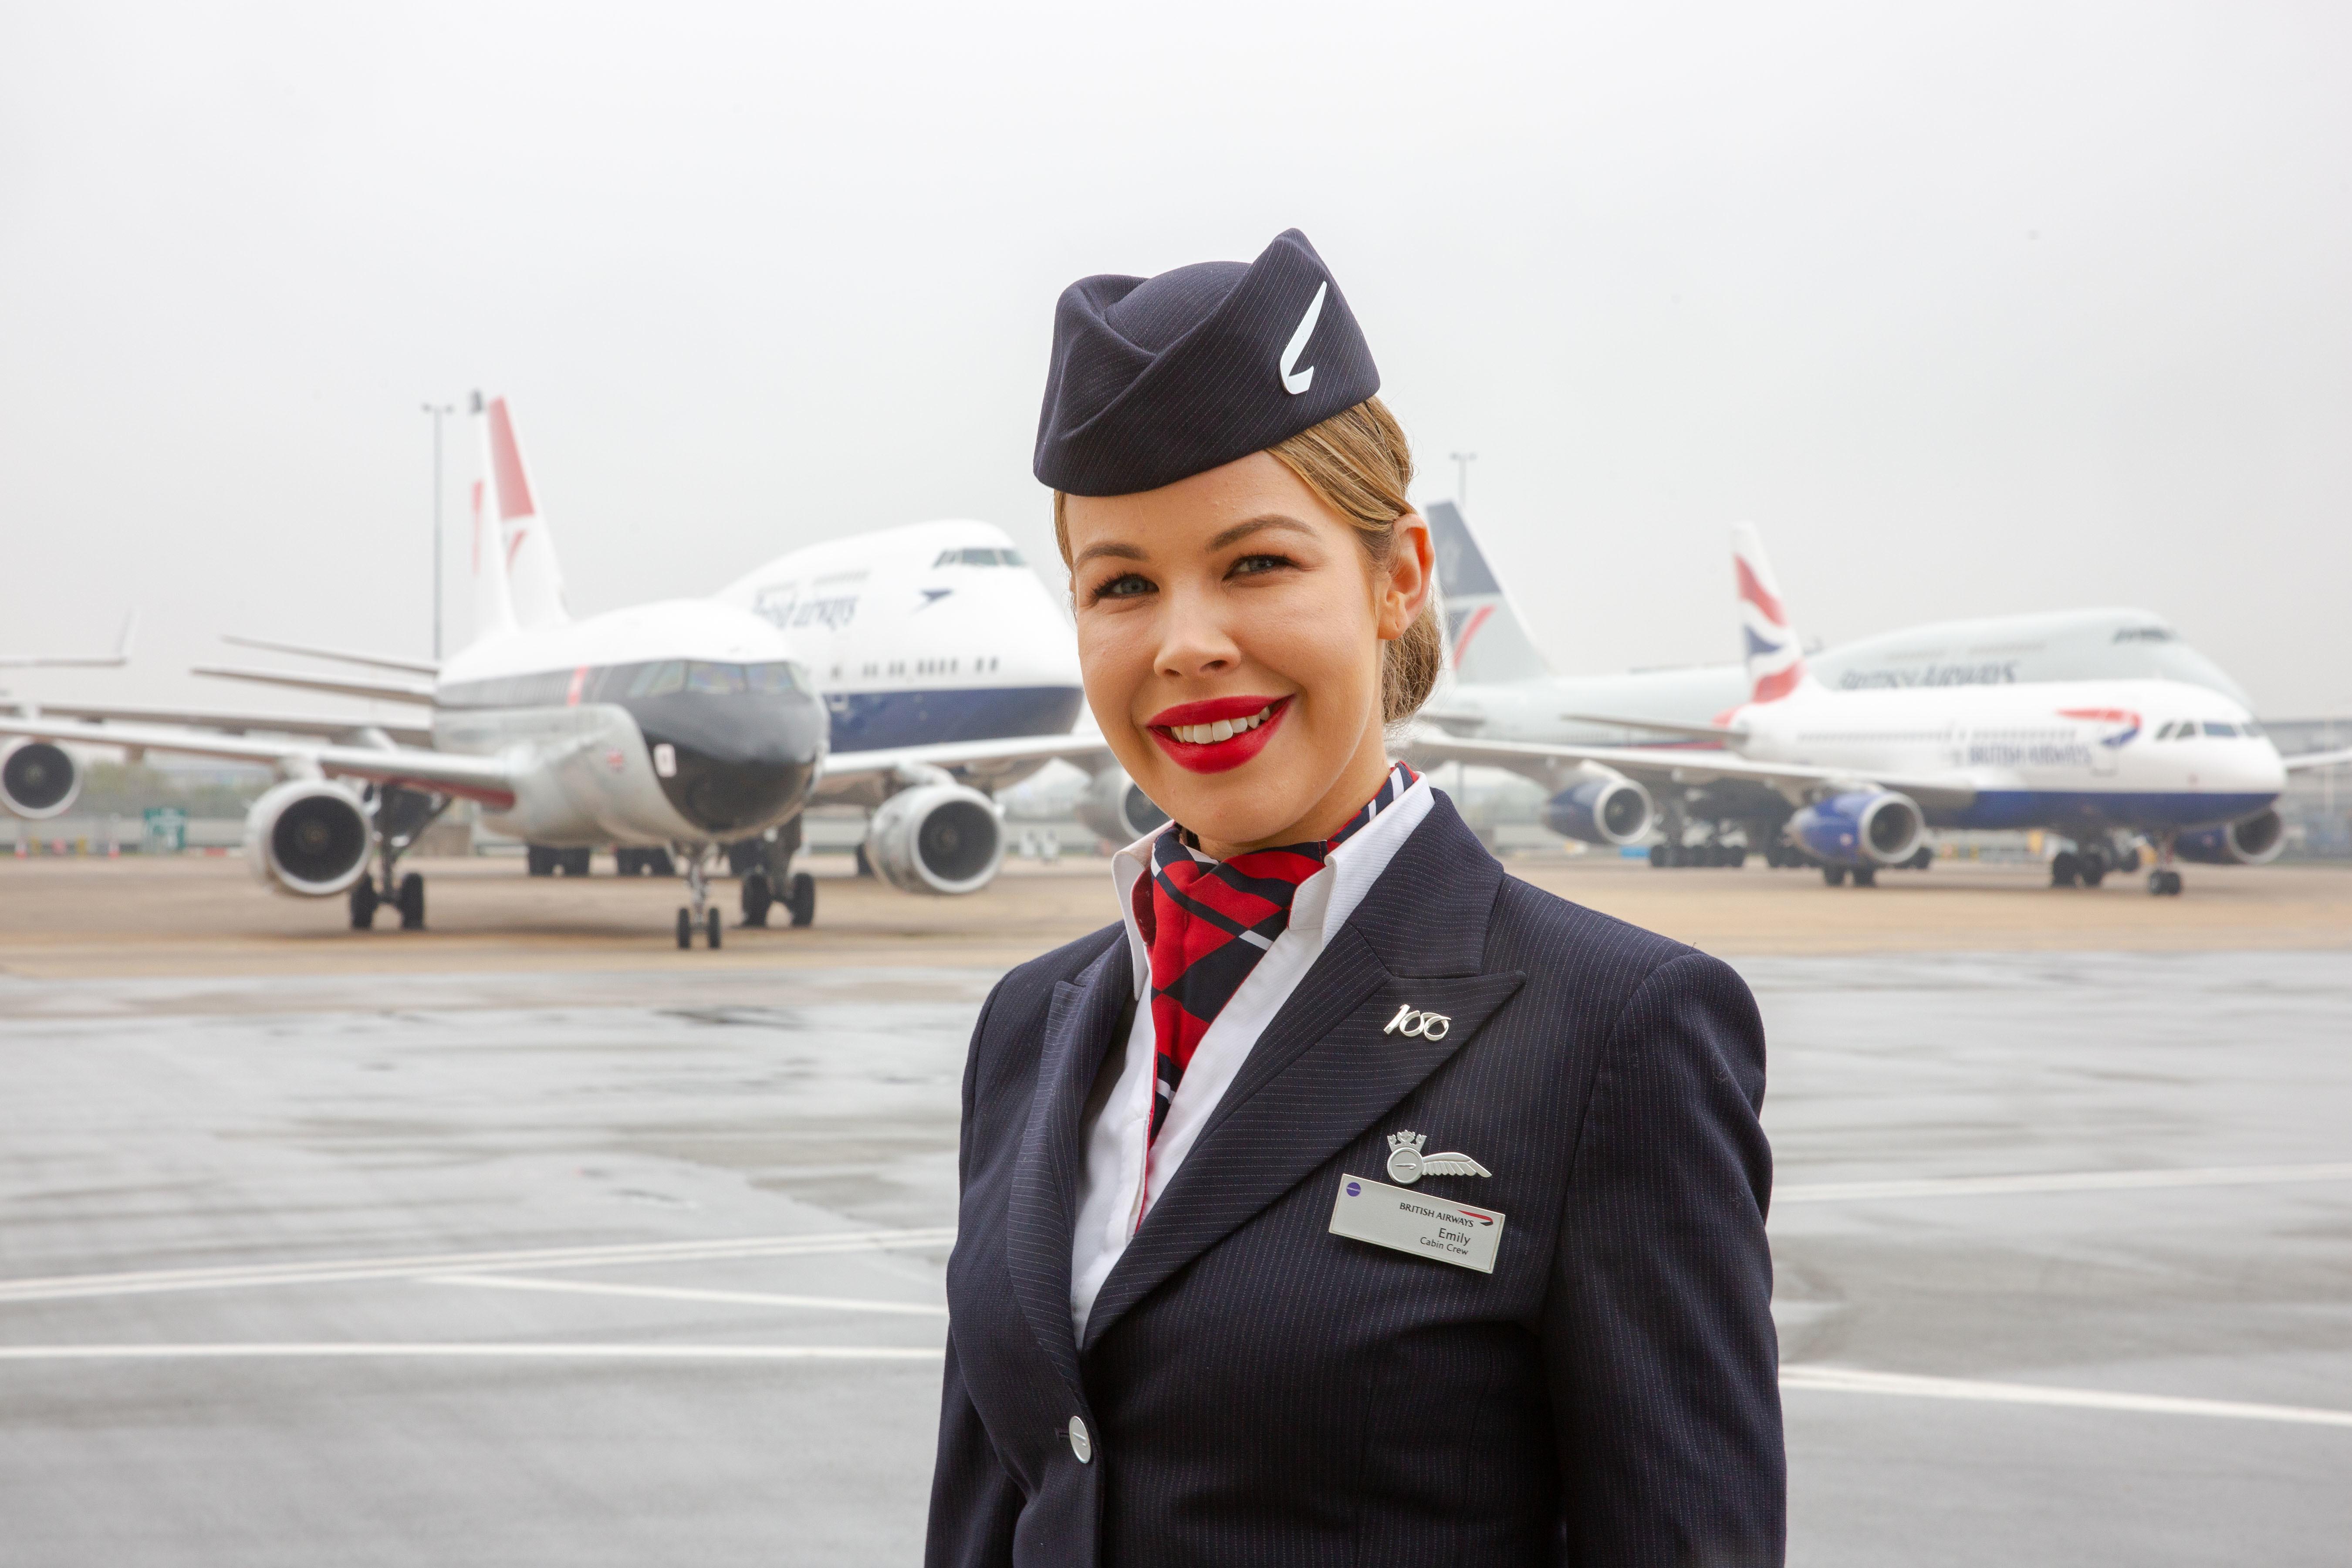 Stewardesse foran de fem fly til gruppefotoet med fem forskellige bemalinger af British Airways' forgængere. Se foto med alle de fem fly i stort format i artiklen. Foto: Nick Morrish/British Airways.